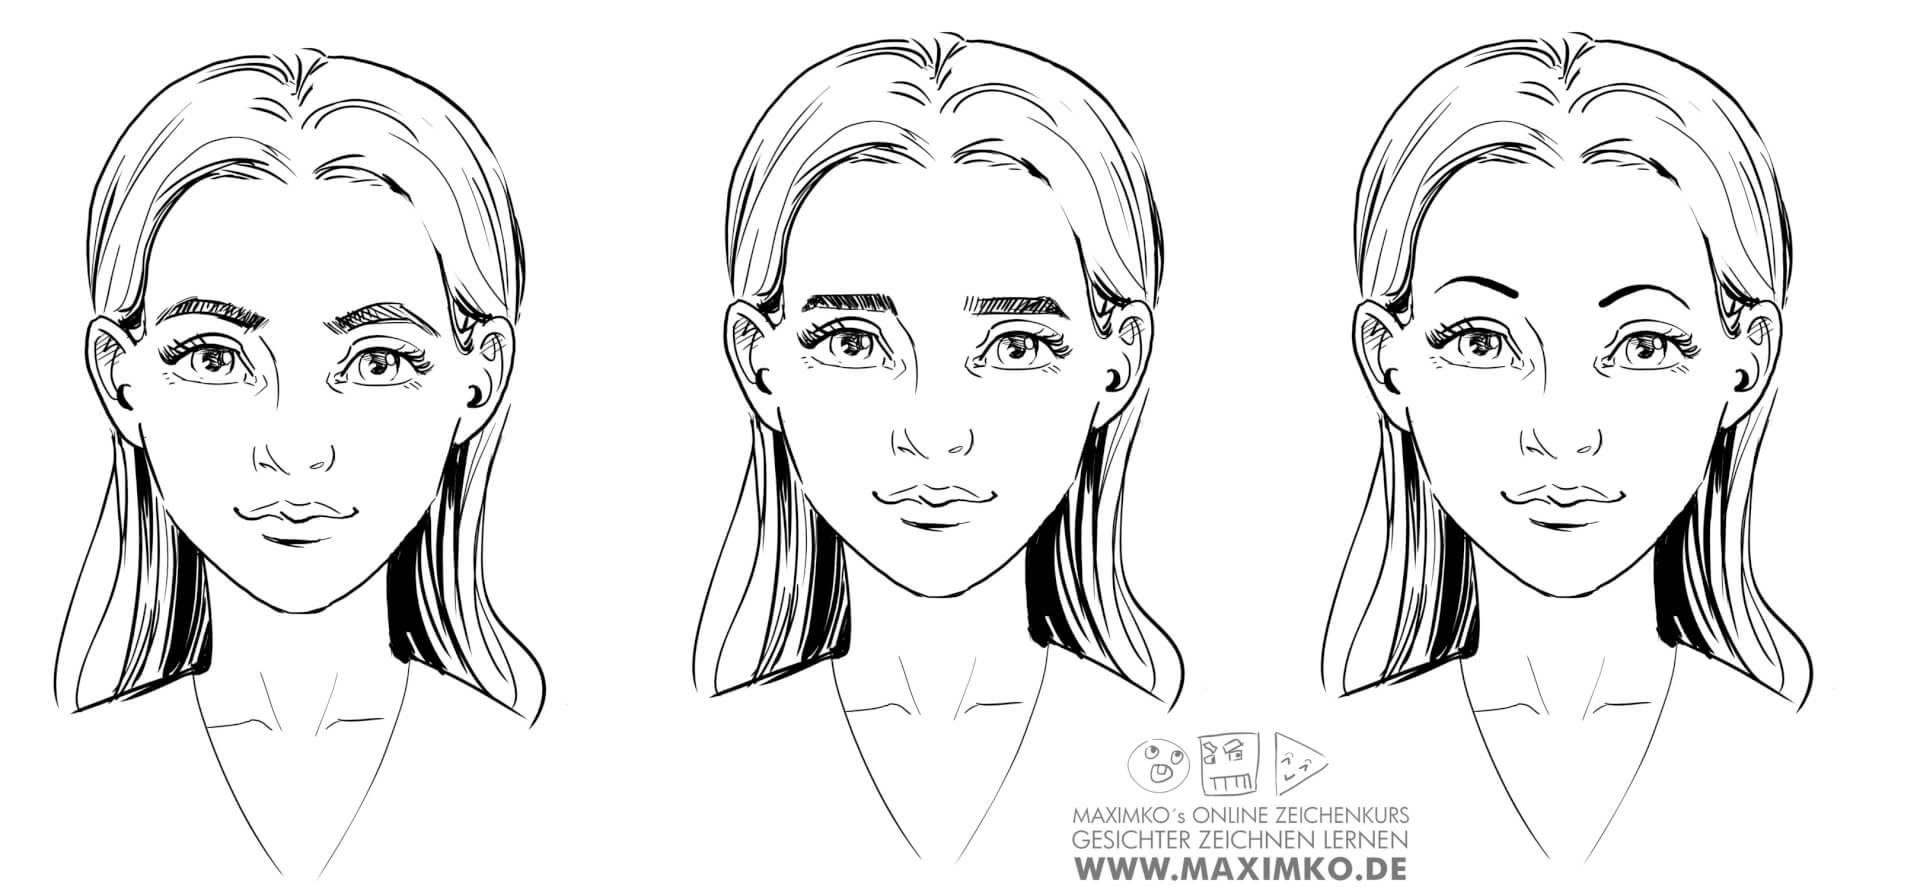 wie zeichnet man augen zeichnen lernen tutorial wie augenbrauen das gesicht veraendern maximko